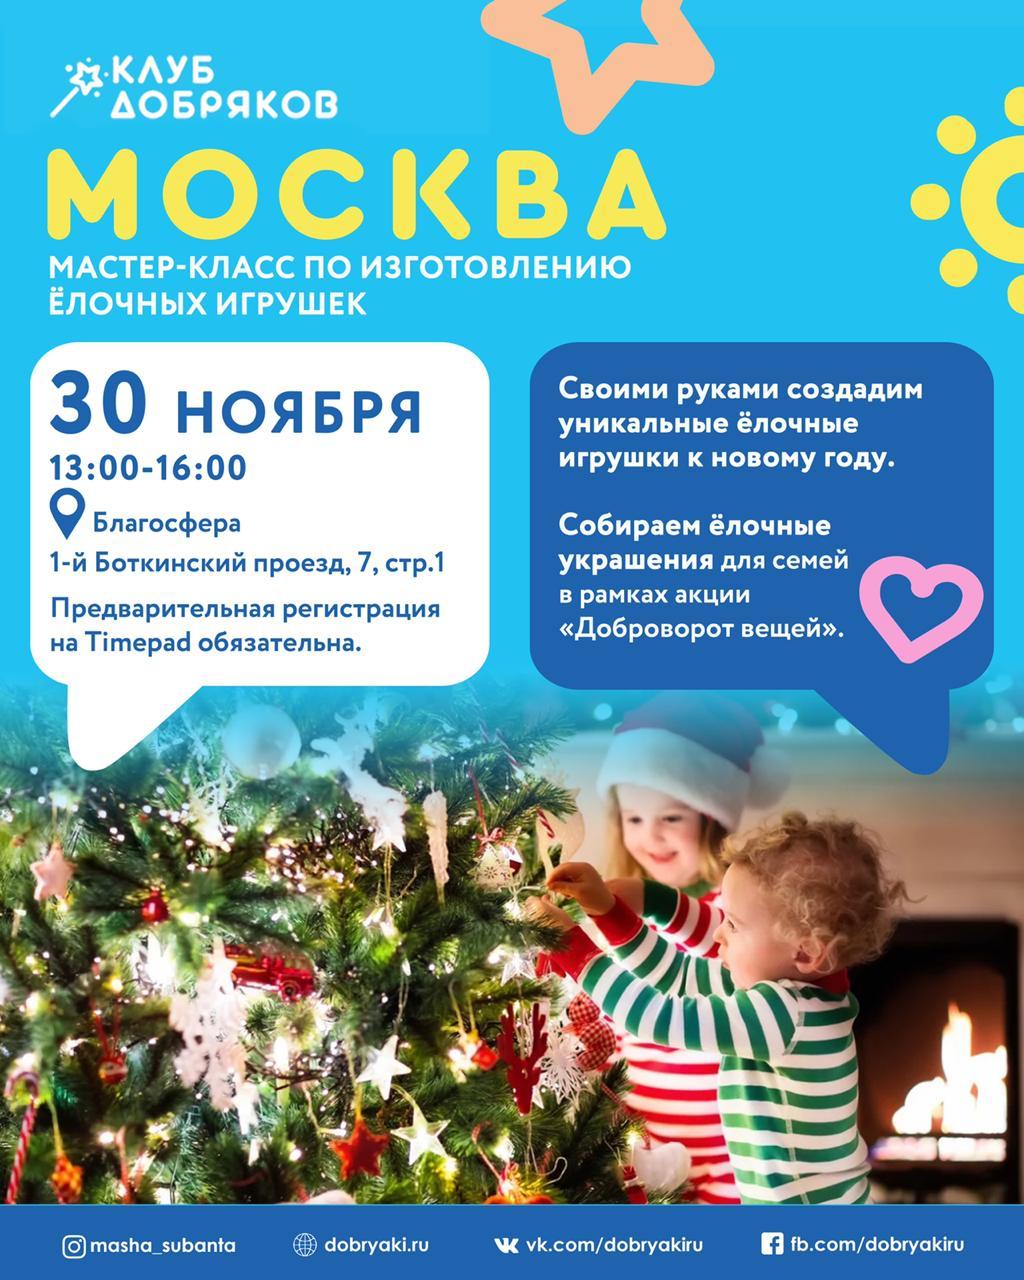 Московские добряки проведут мастер-класс по изготовлению ёлочных игрушек